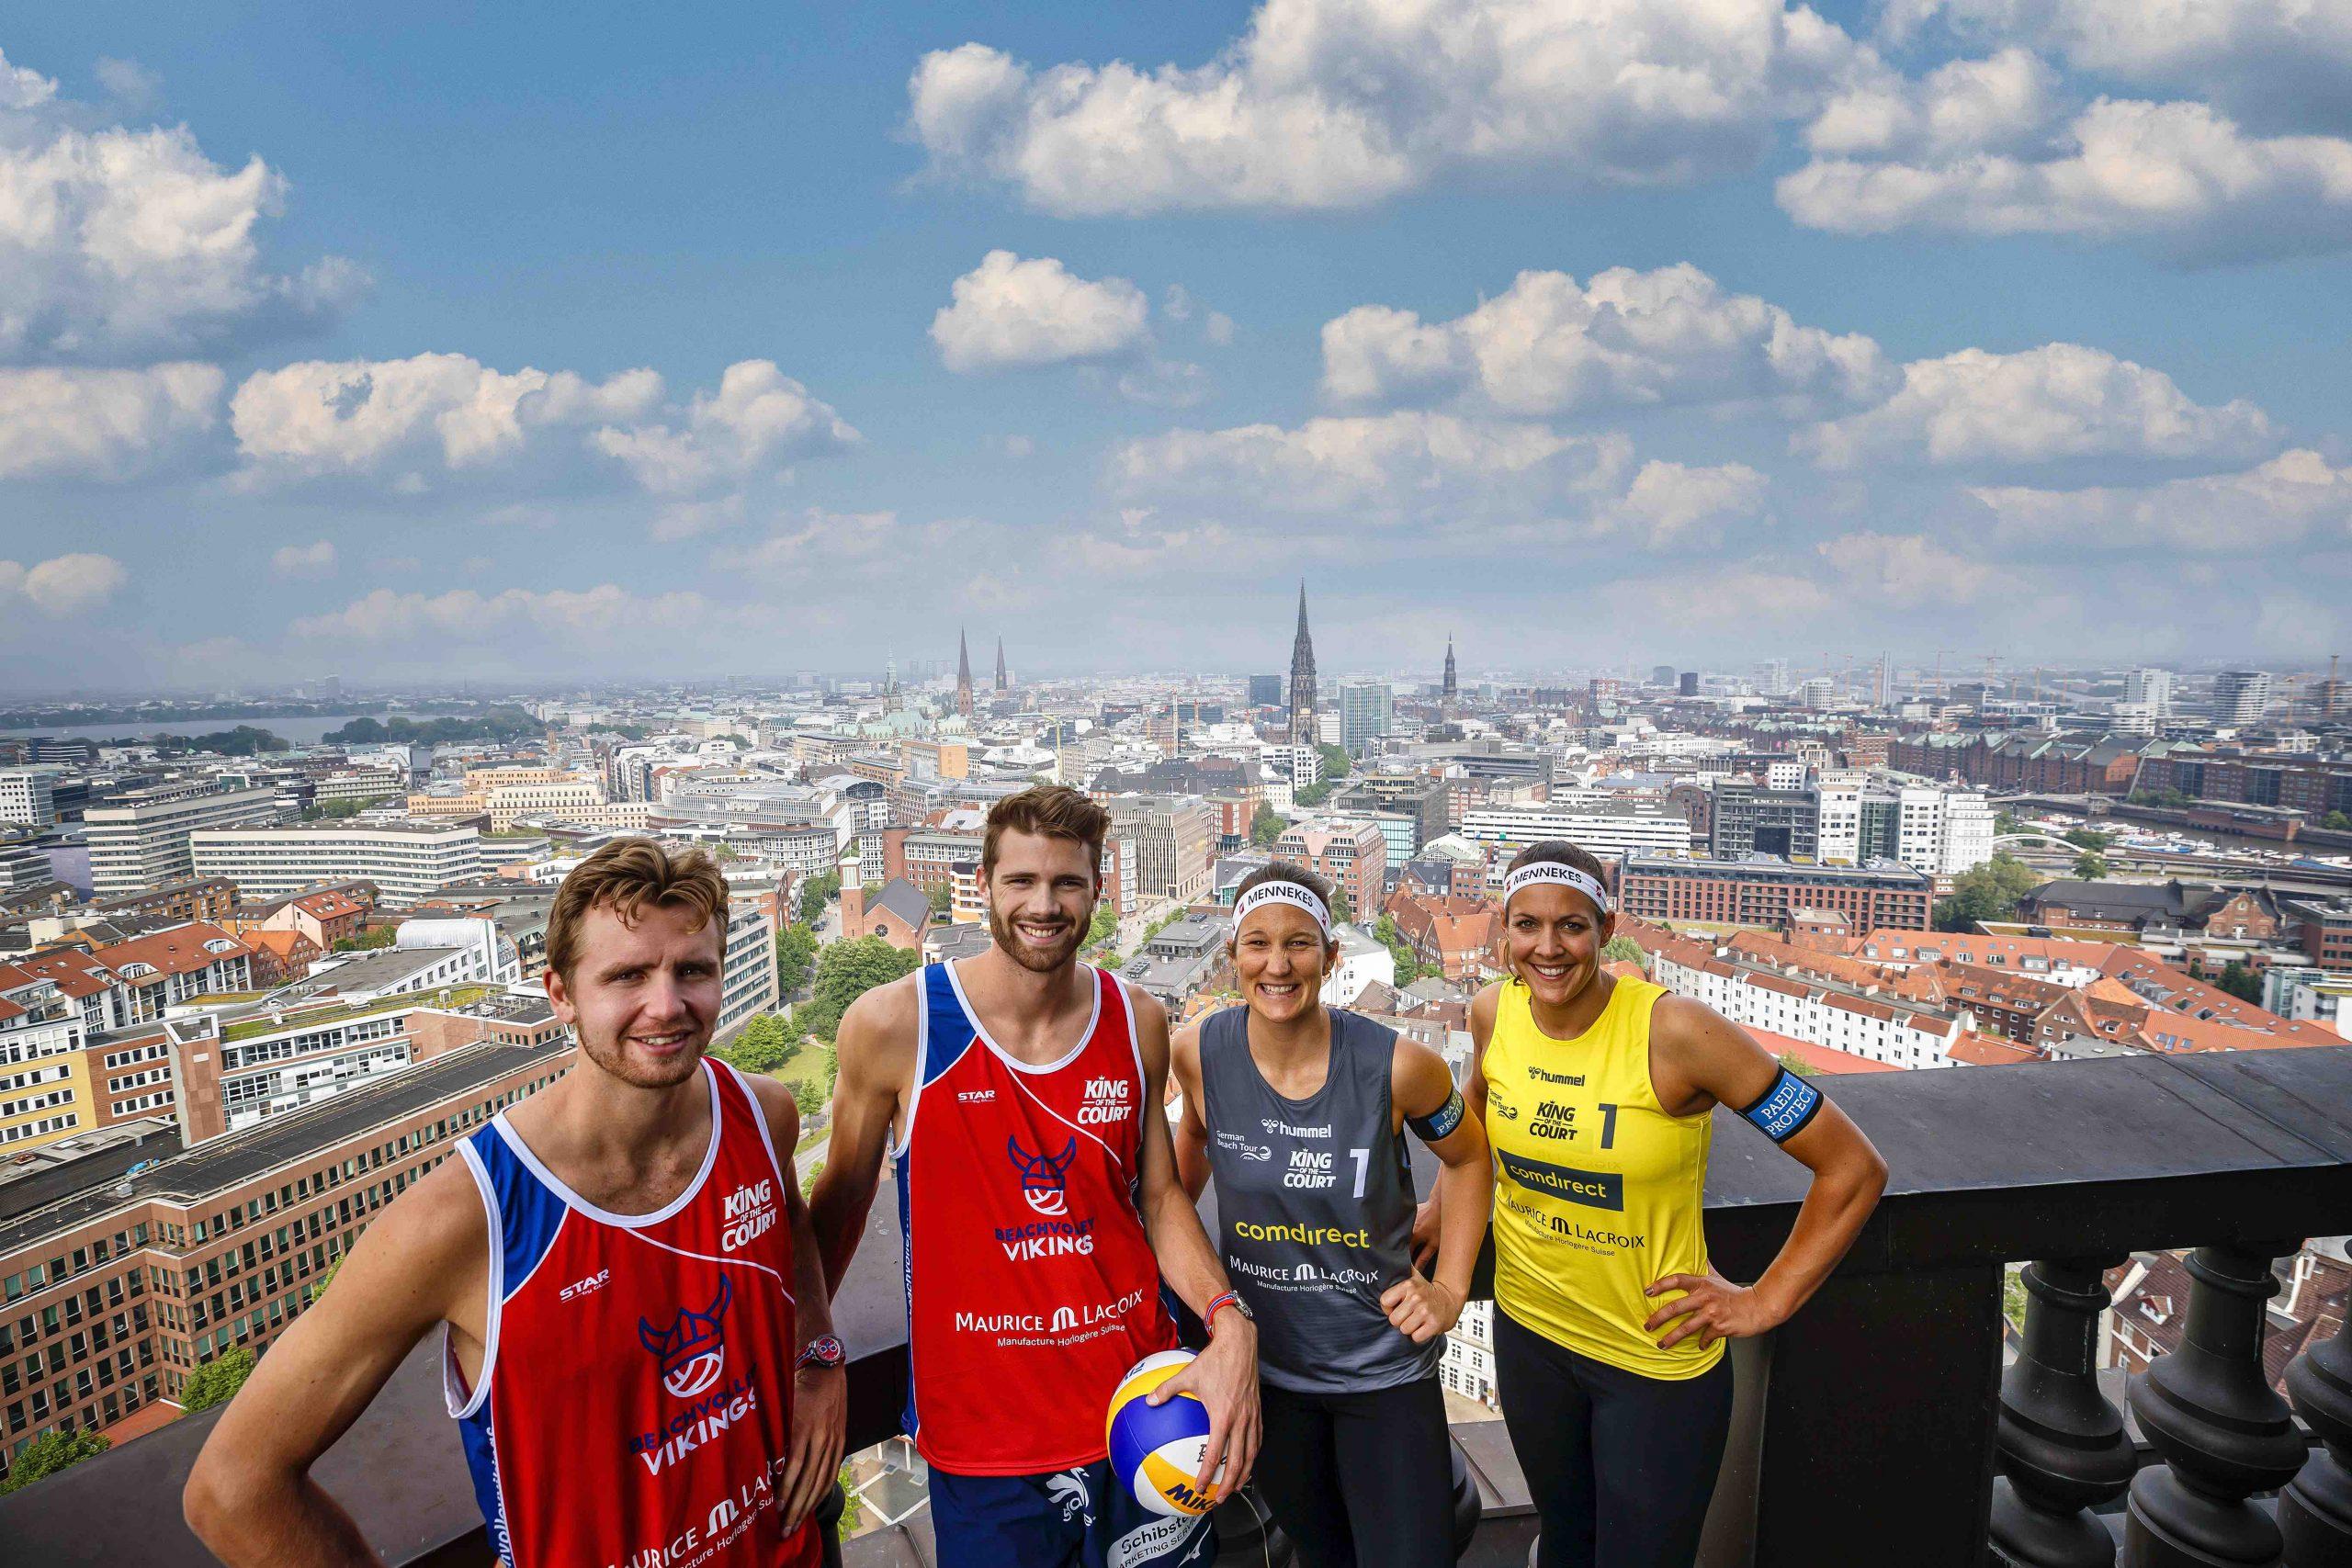 King of the Court in Hamburg mit  Anders Mol, Christian Sørum, Victoria Bieneck & Isabel Schneider